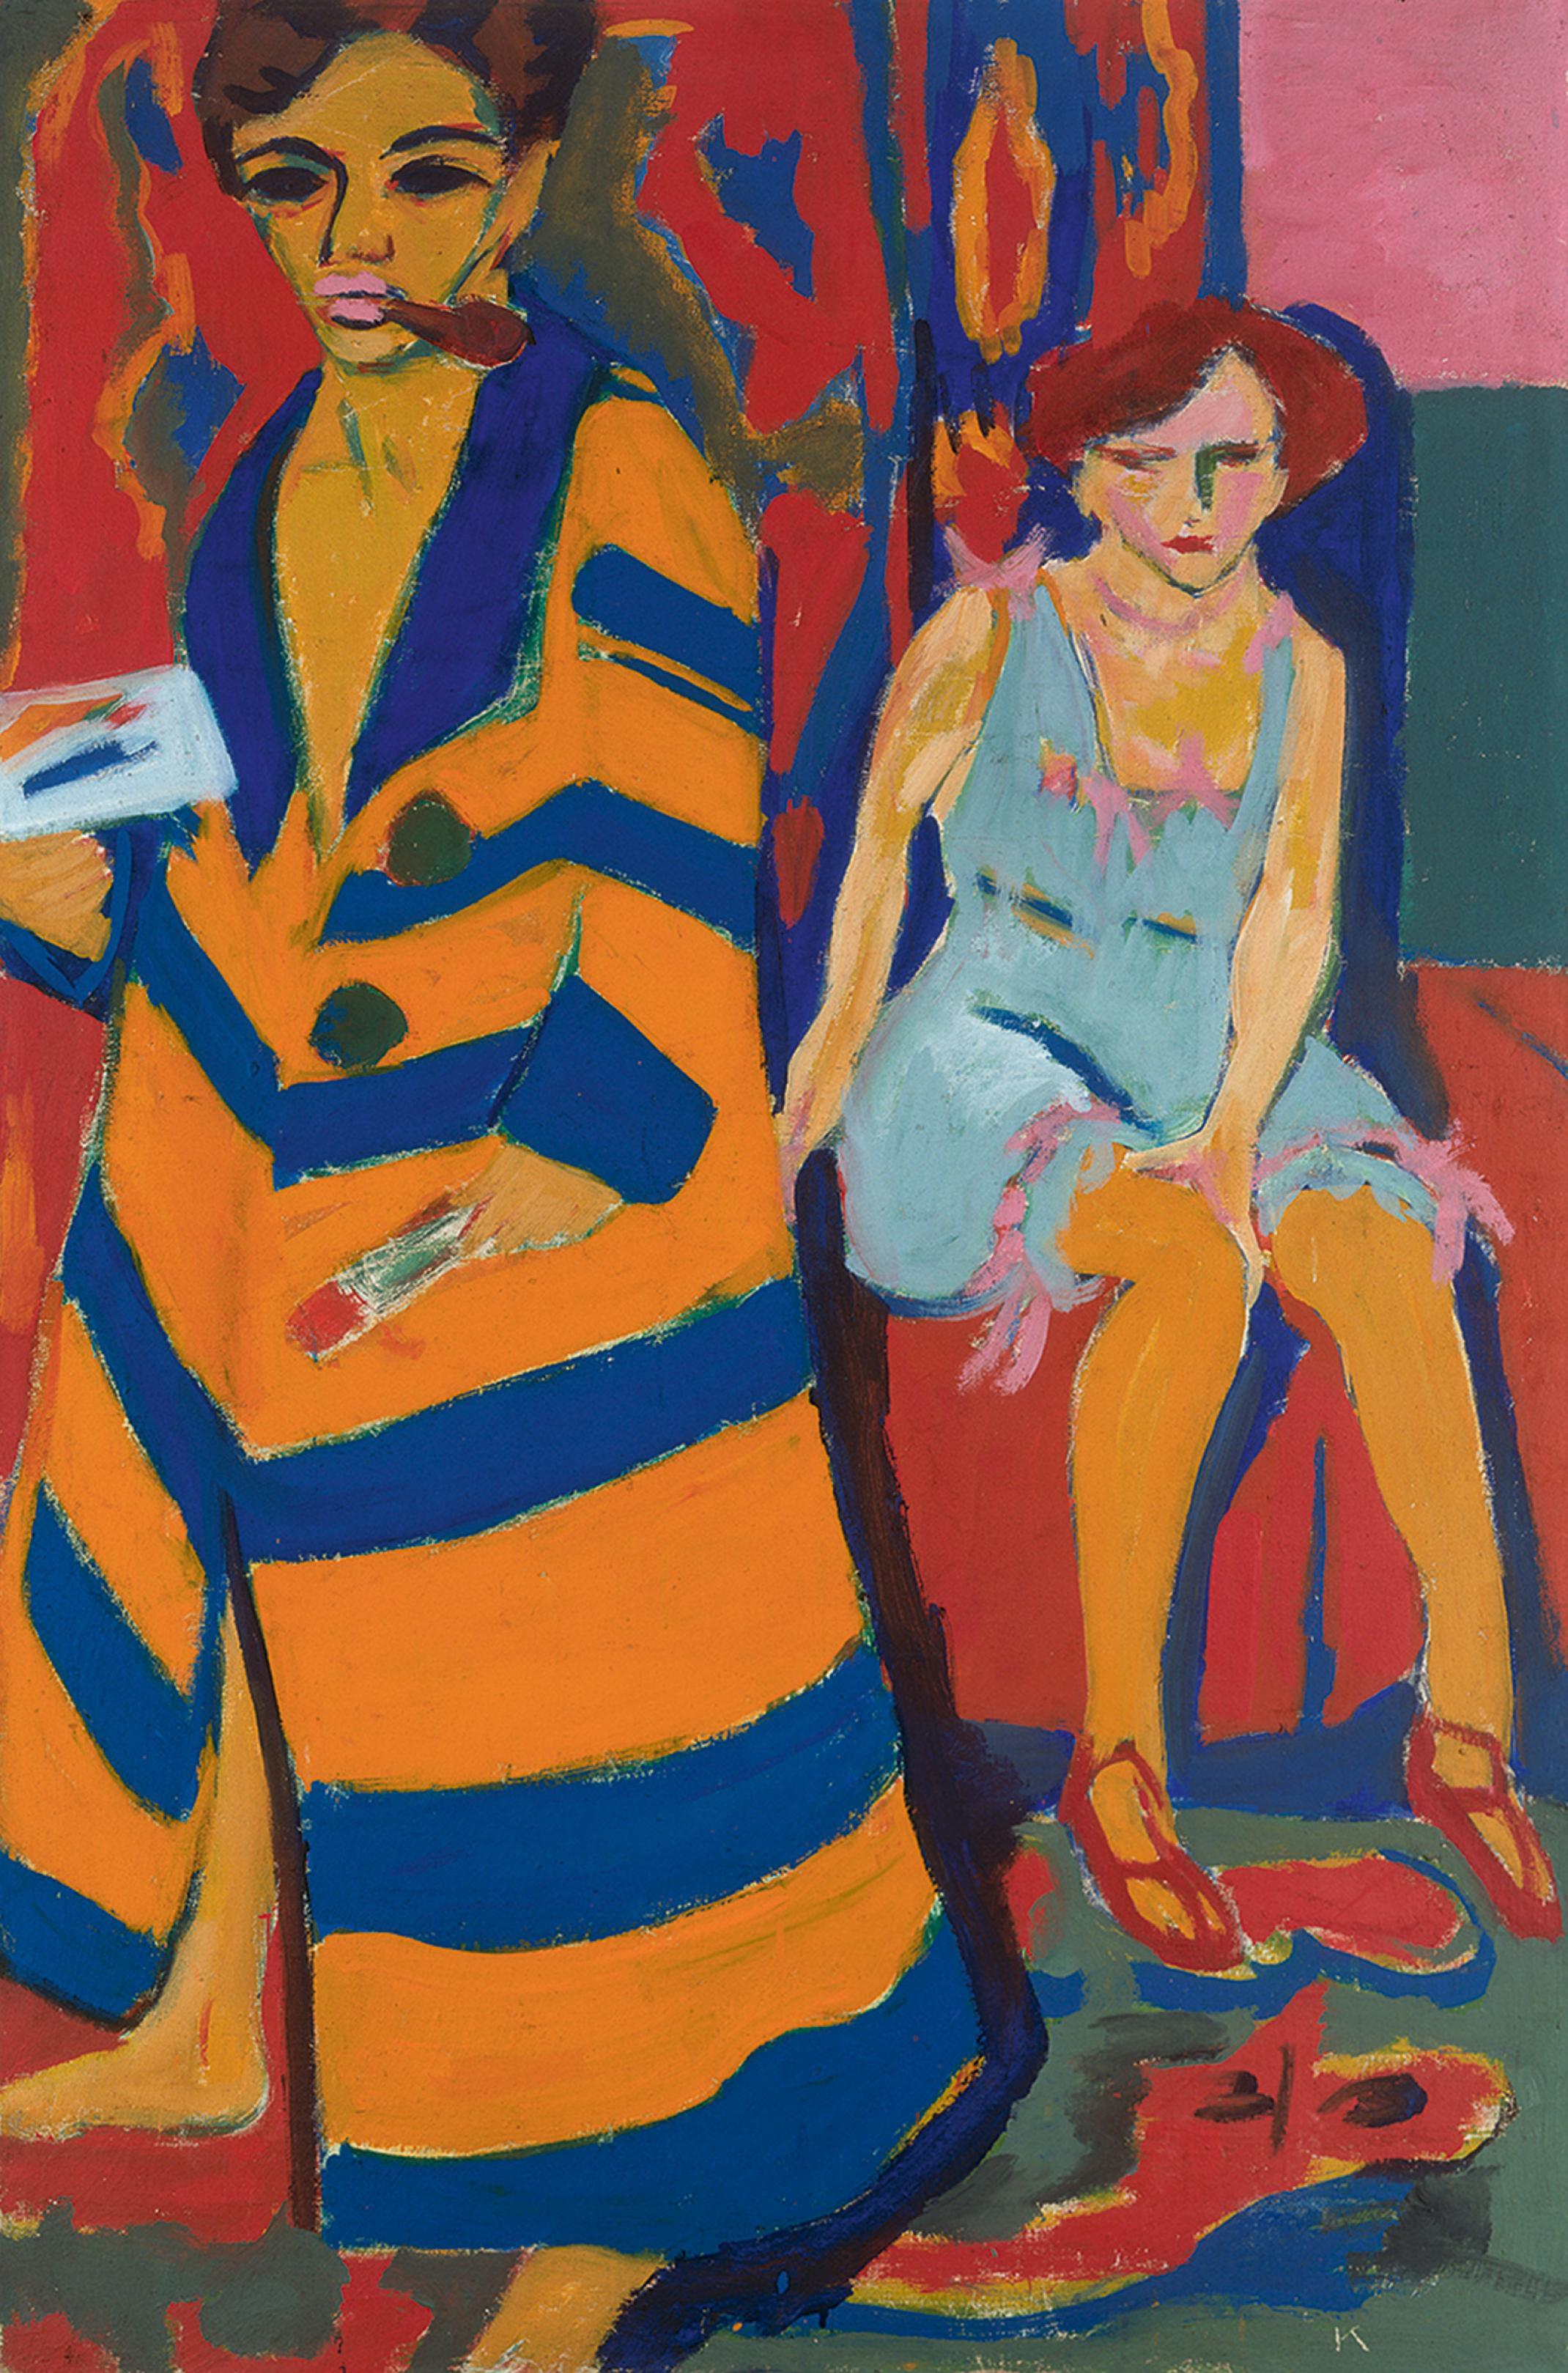 ... Ernst Ludwig Kirchner Maler Und Modell, 1910/1926 Öl Auf Leinwand,  150,4 X 100 Cm